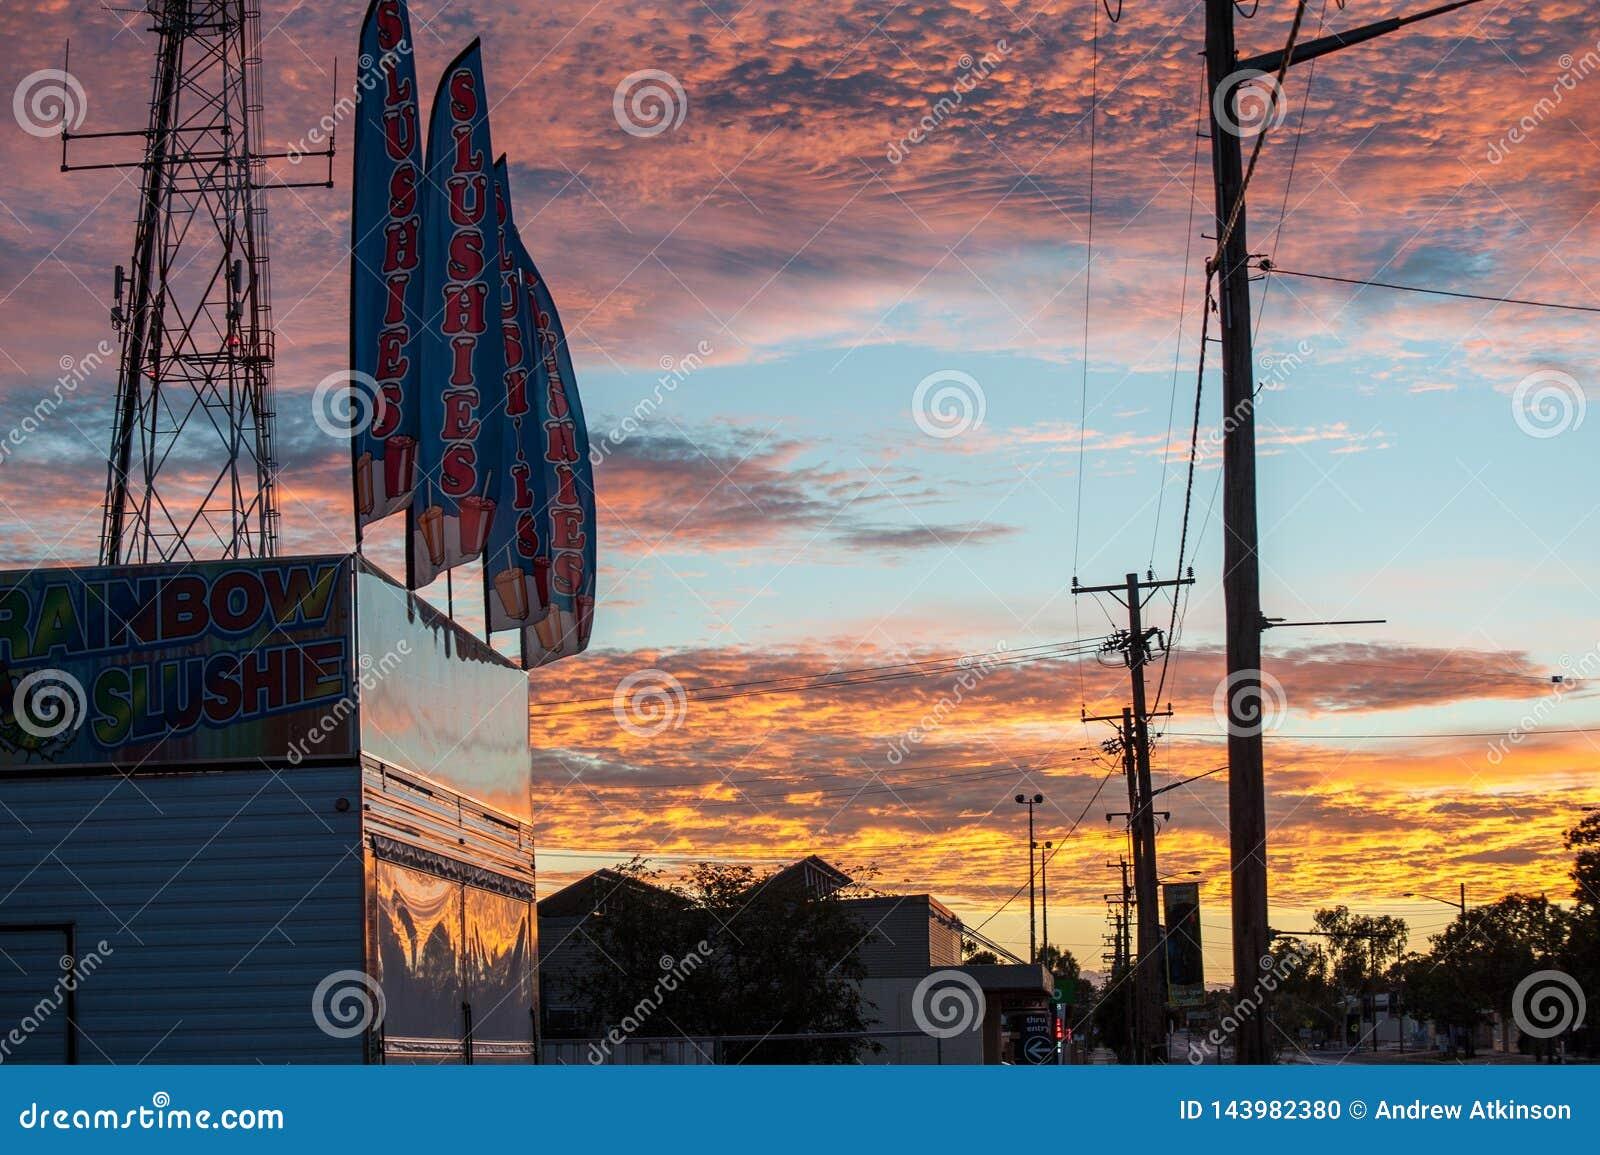 Sinais/bandeiras do slushie do arco-íris sob um céu colorido arco-íris